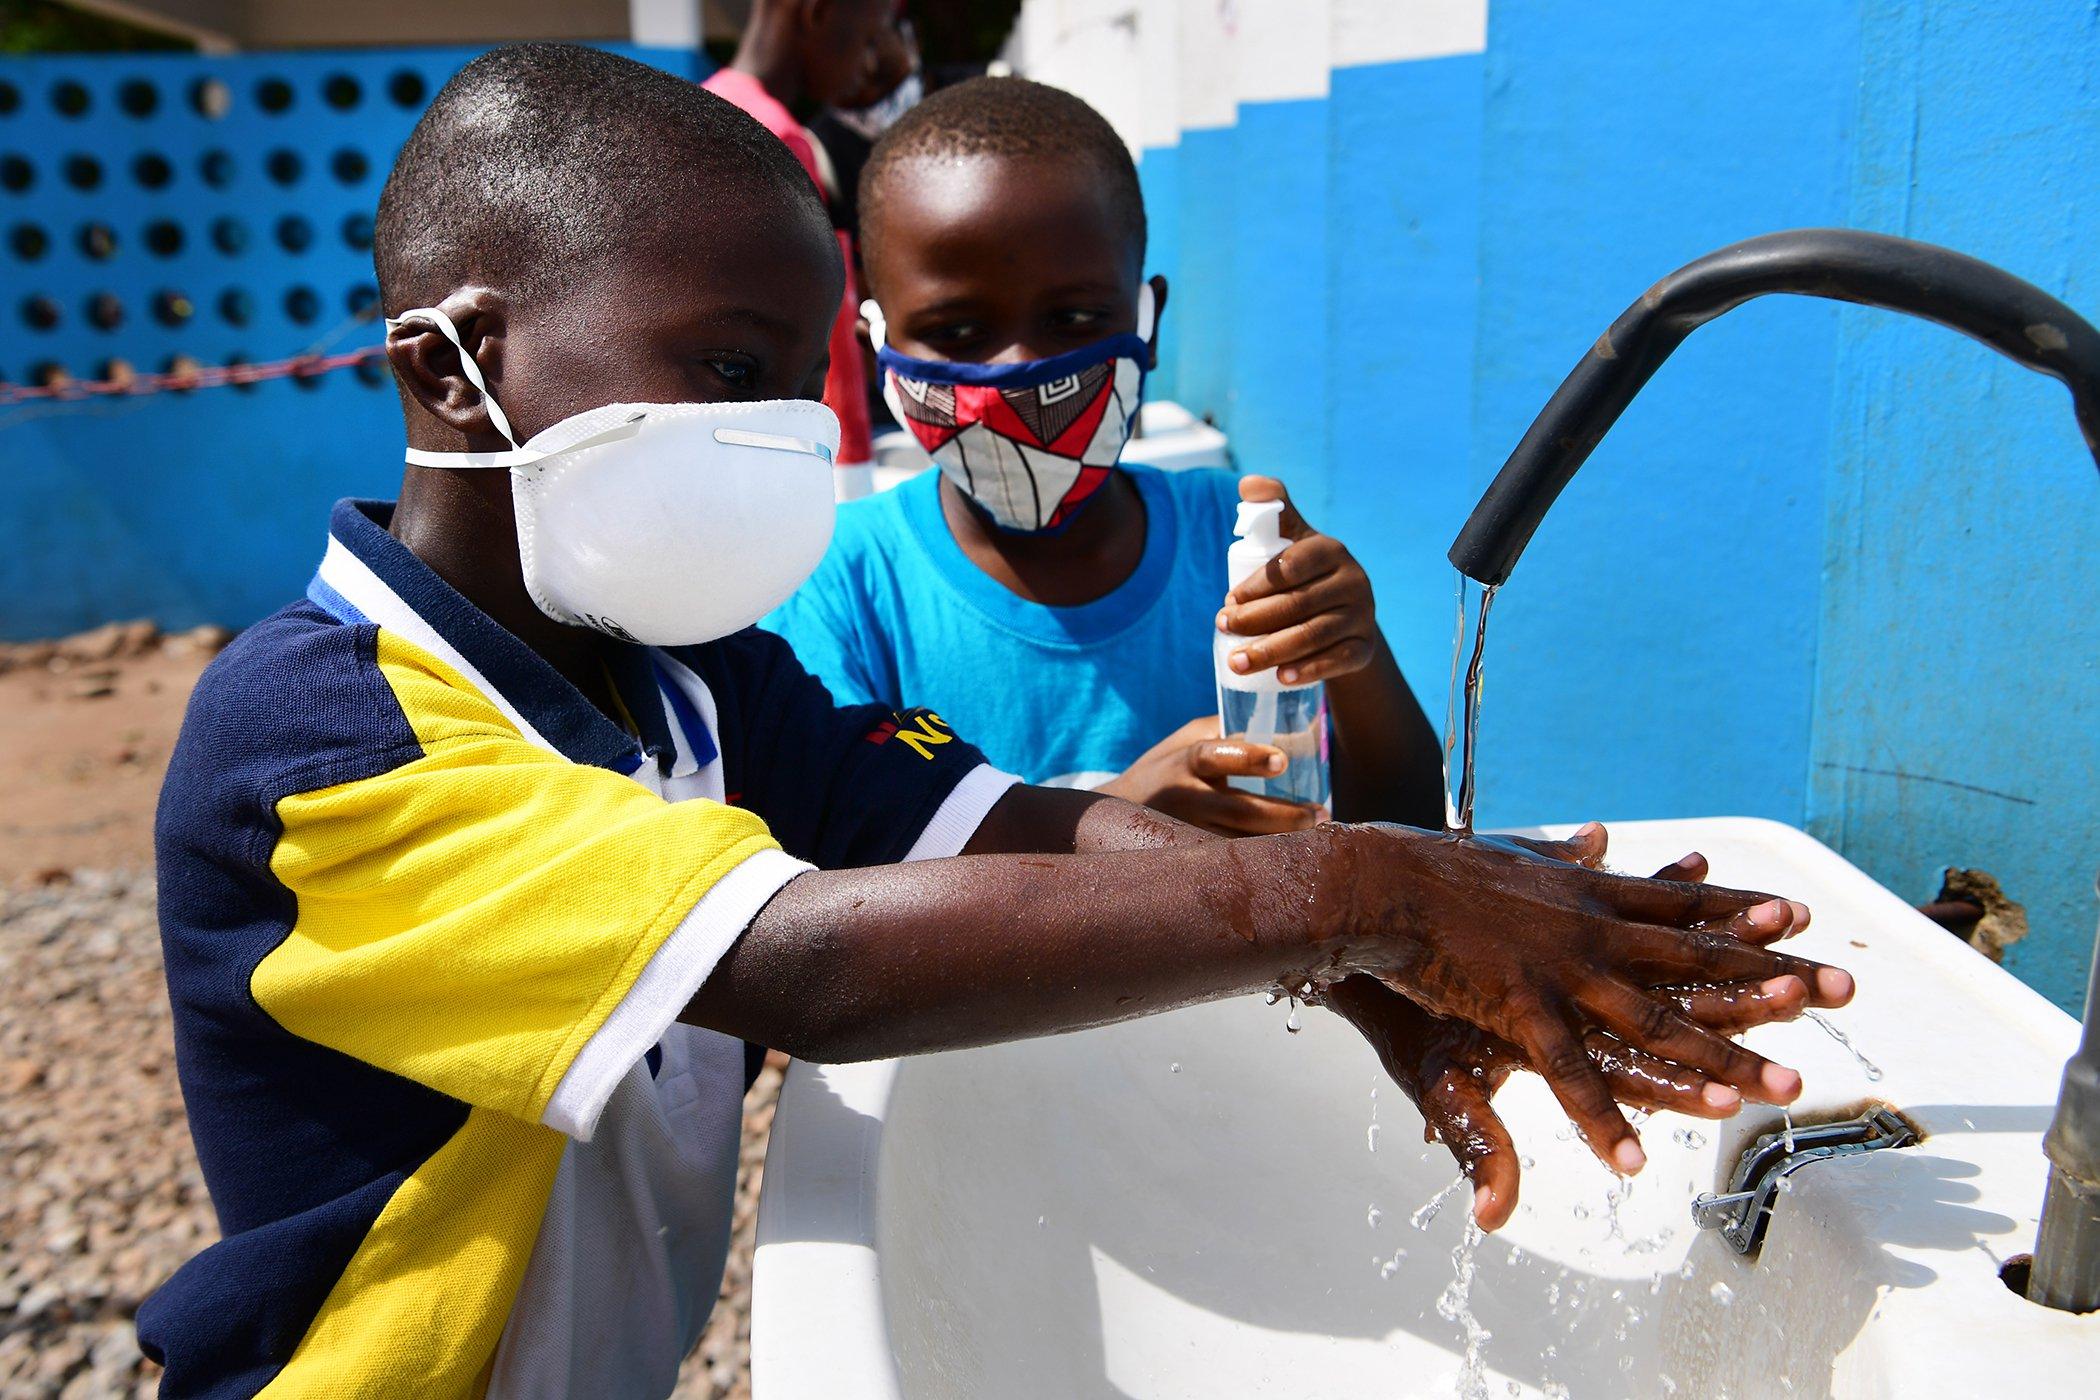 UNICEF-WHO-Handwashing-Campaign-COVID-19-002.jpg